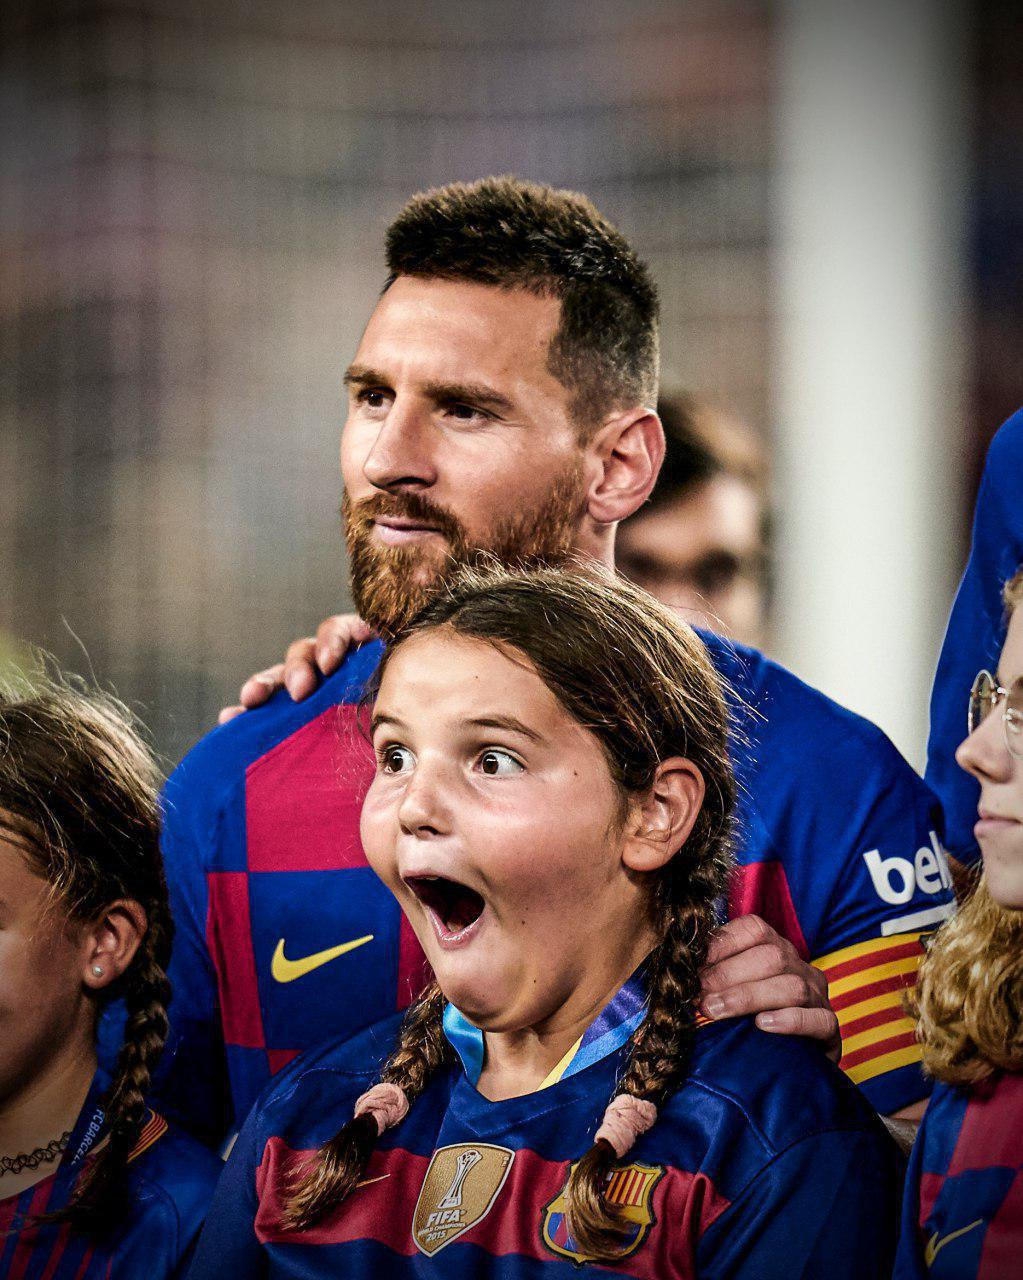 ذوقزدگی دختربچهای که در کنار مسی قرار گرفت+ عکس